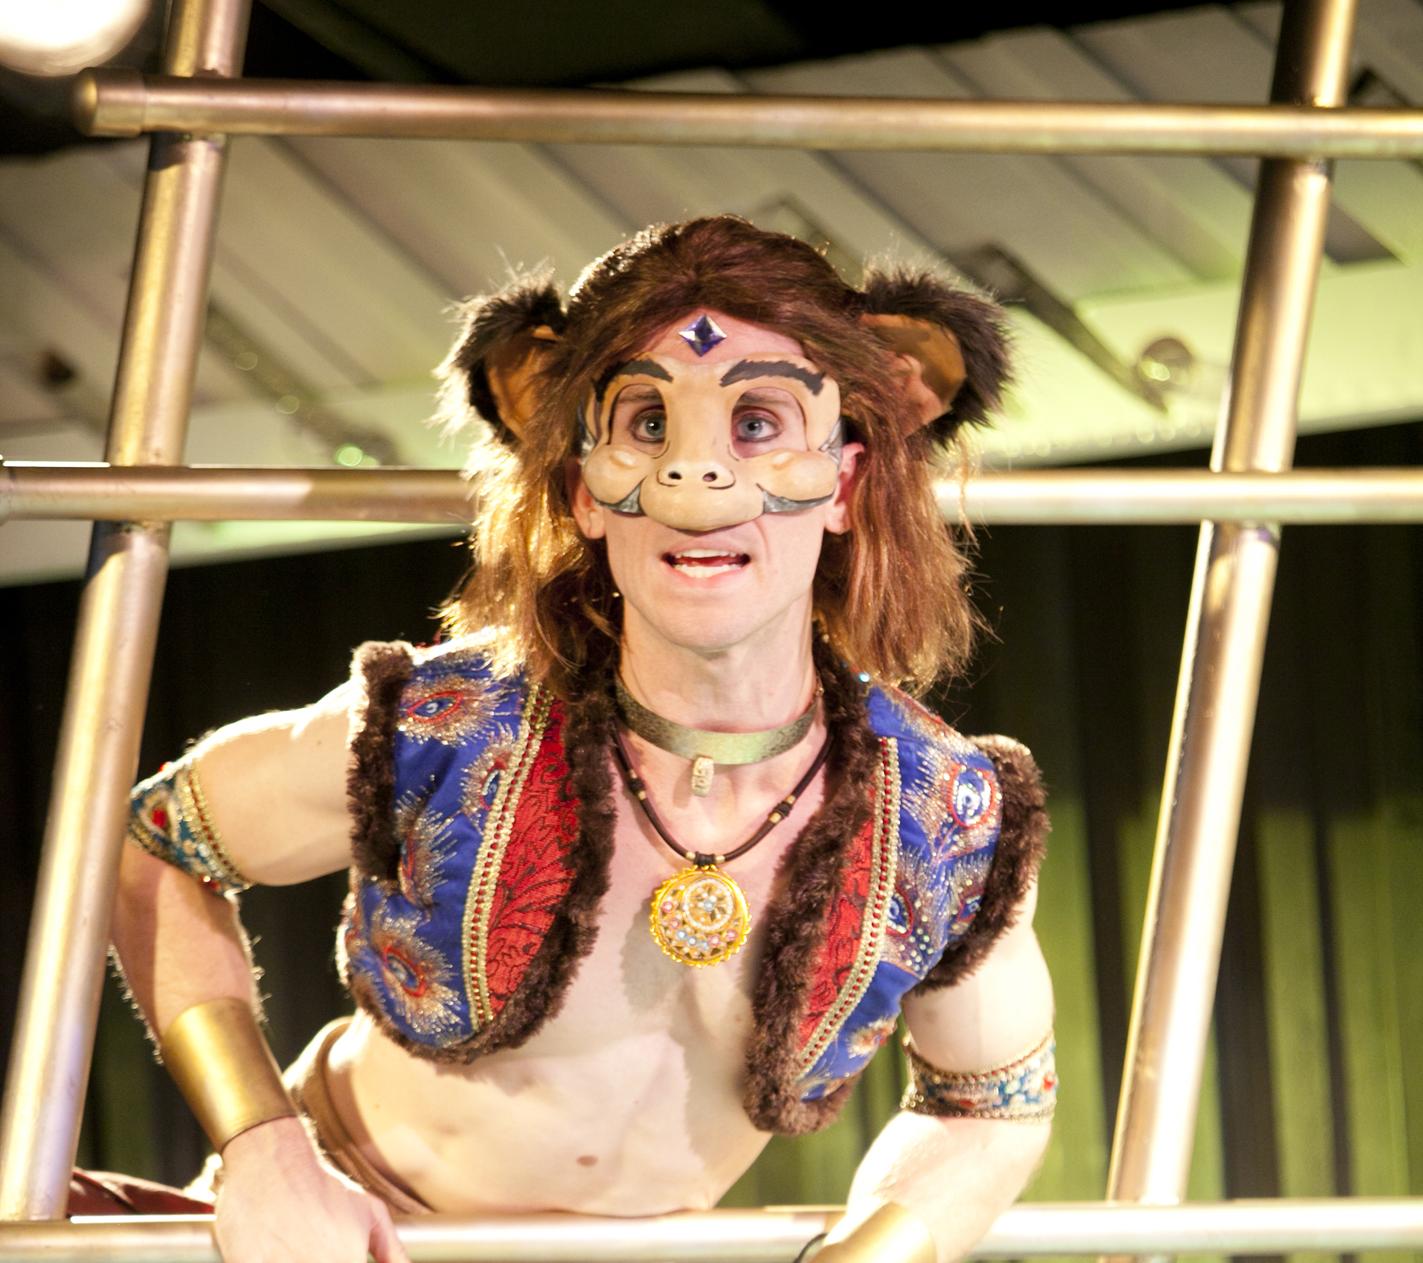 Matthew McGloin as Hanuman in  The Ramayana